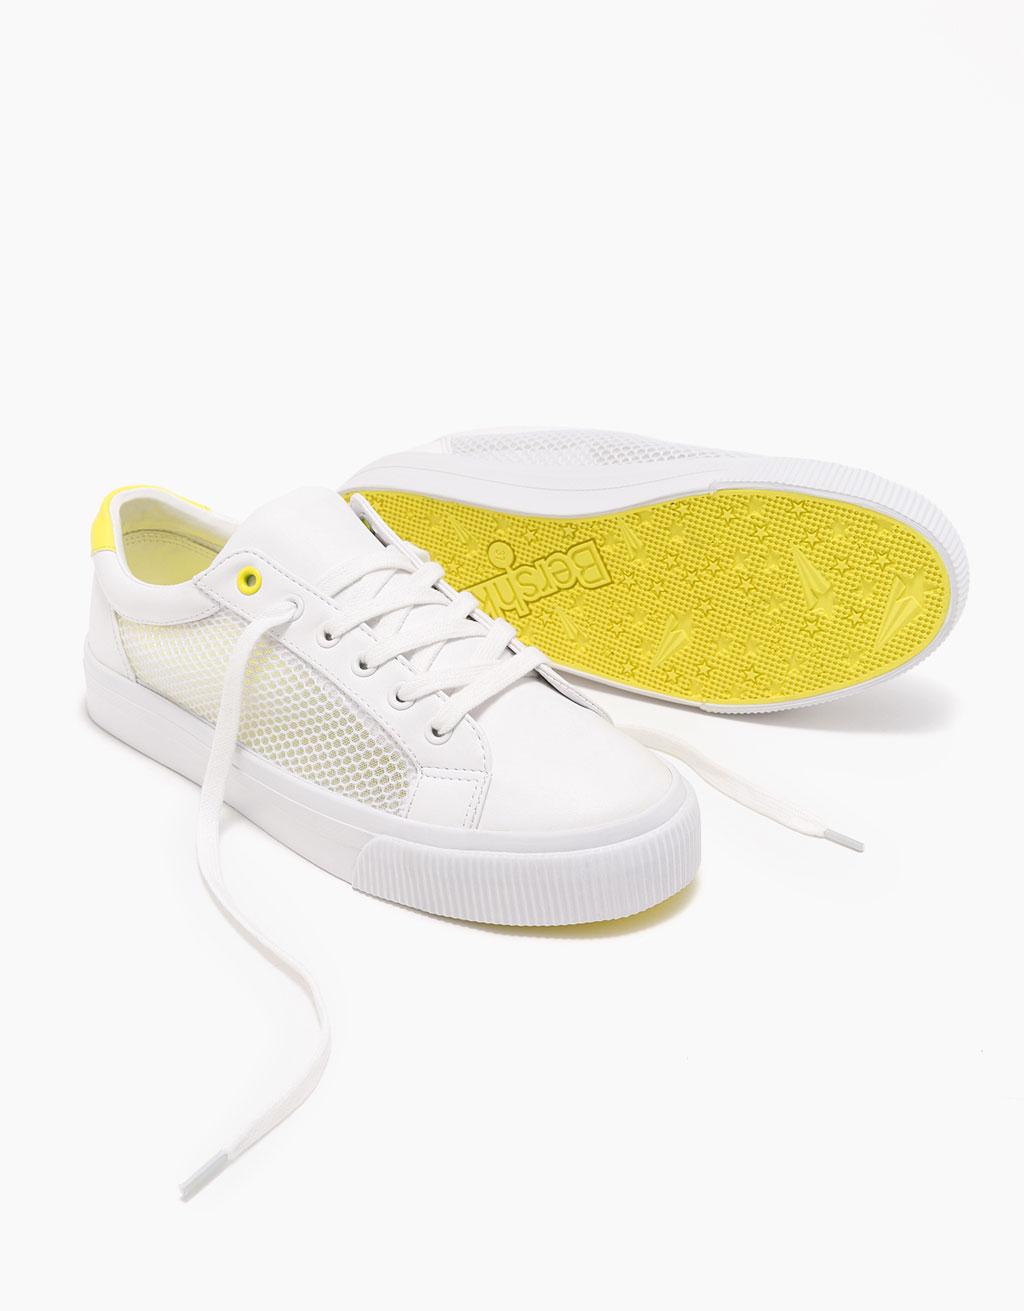 Sneaker aus Netzstoff mit gelbem Detail